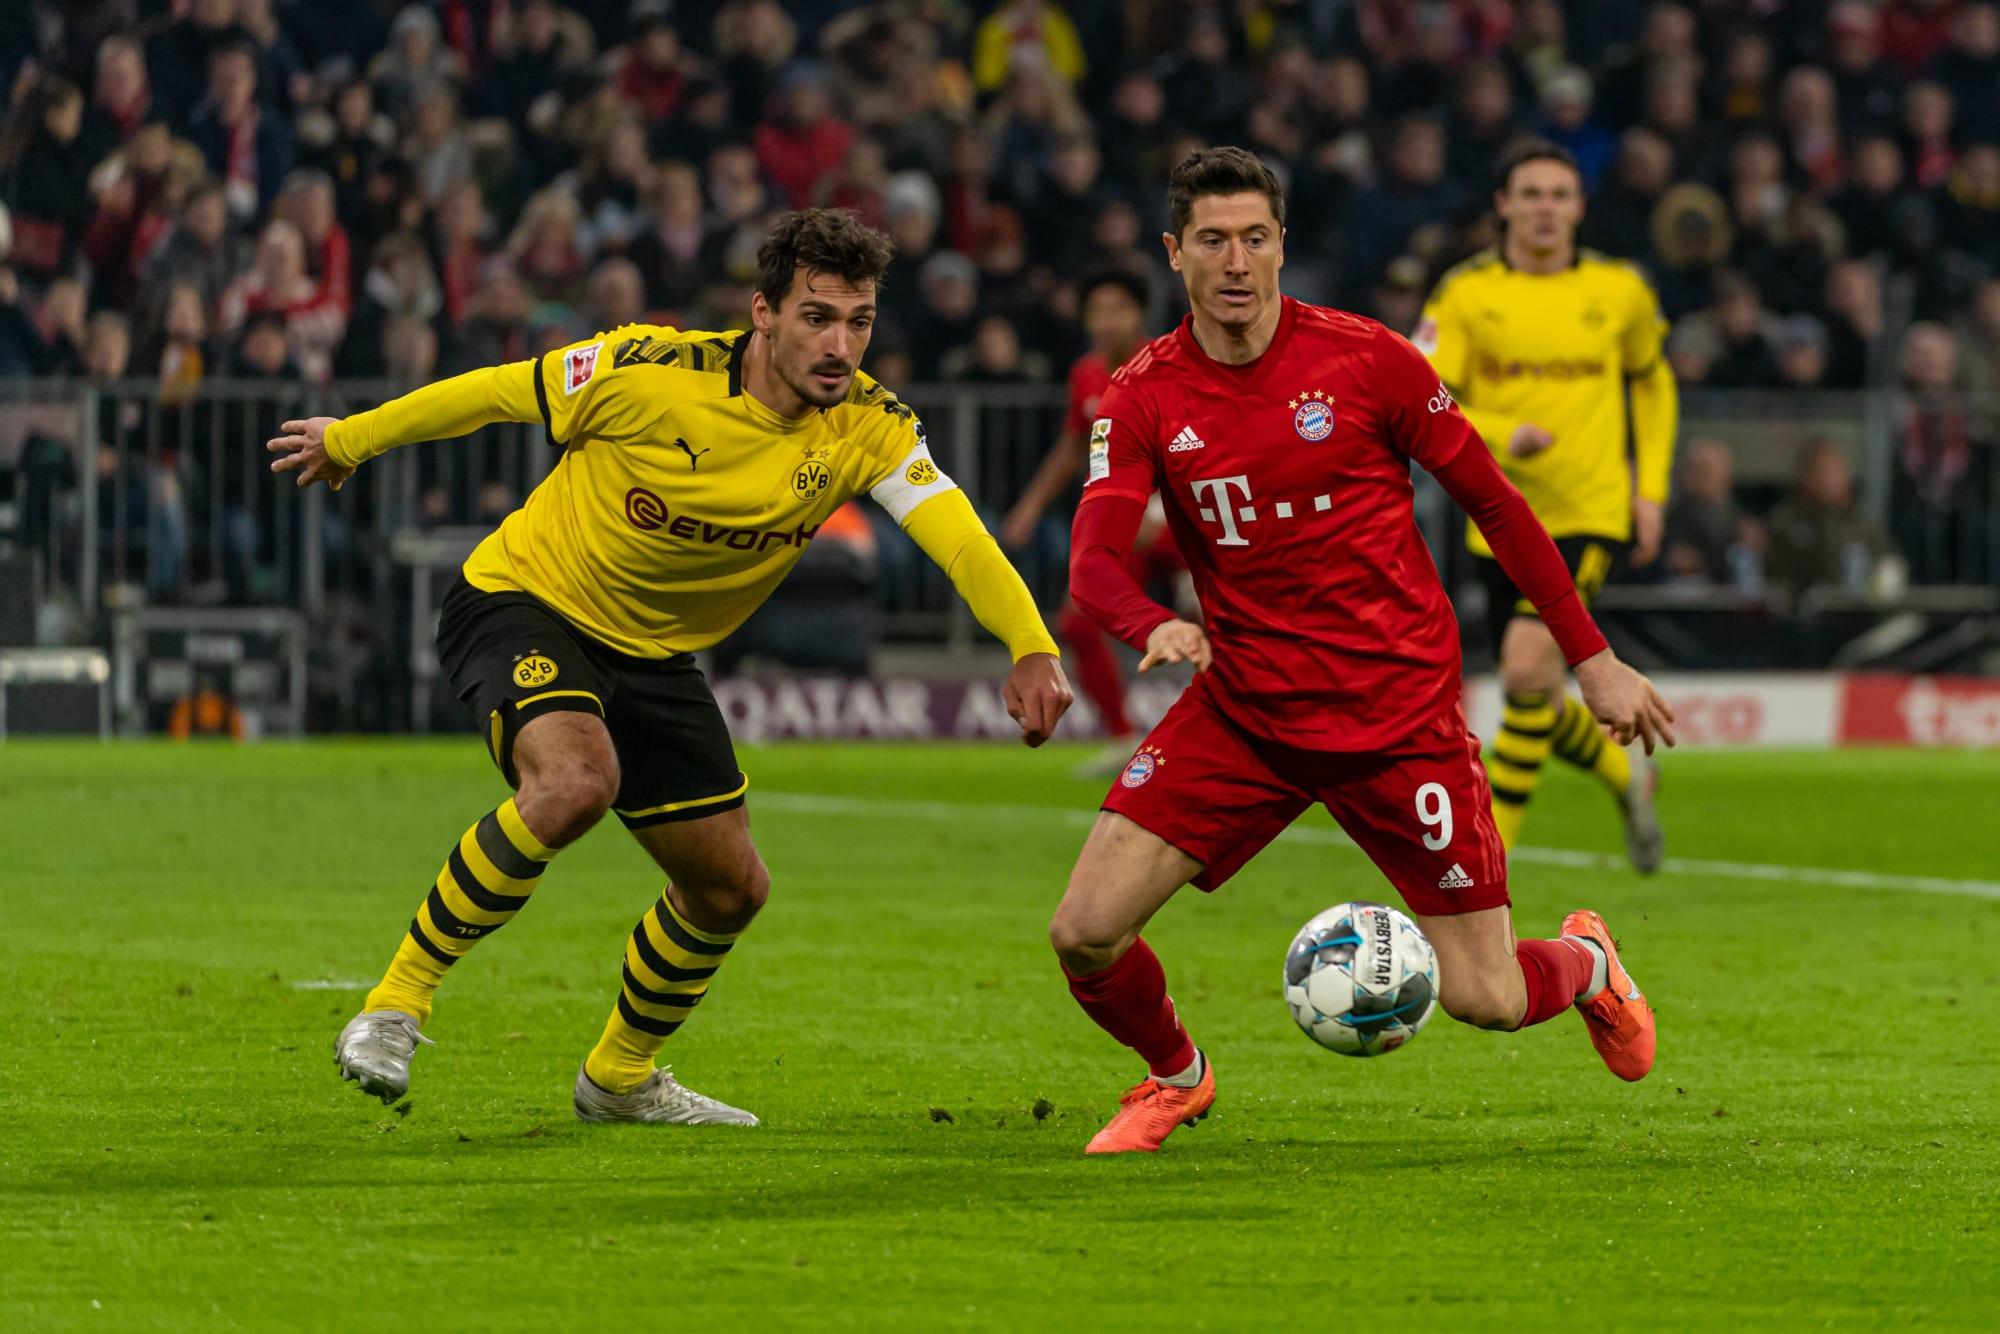 Borussia Dortmund Vs Bayern Munich Six Players To Watch